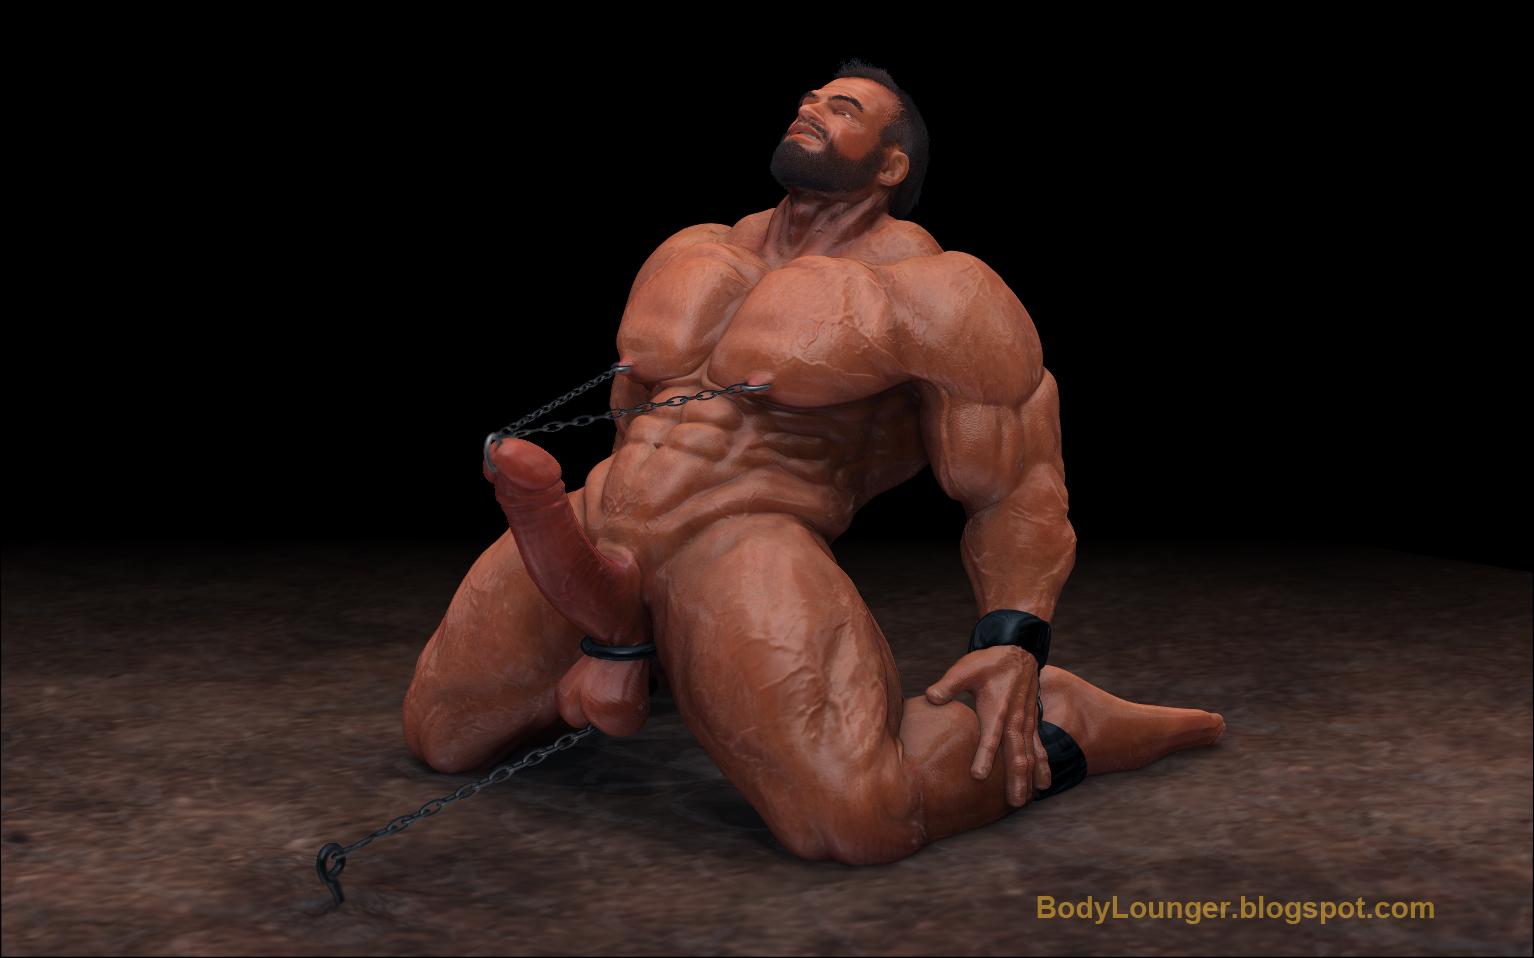 image Gay male bodybuilders bondage erotic master